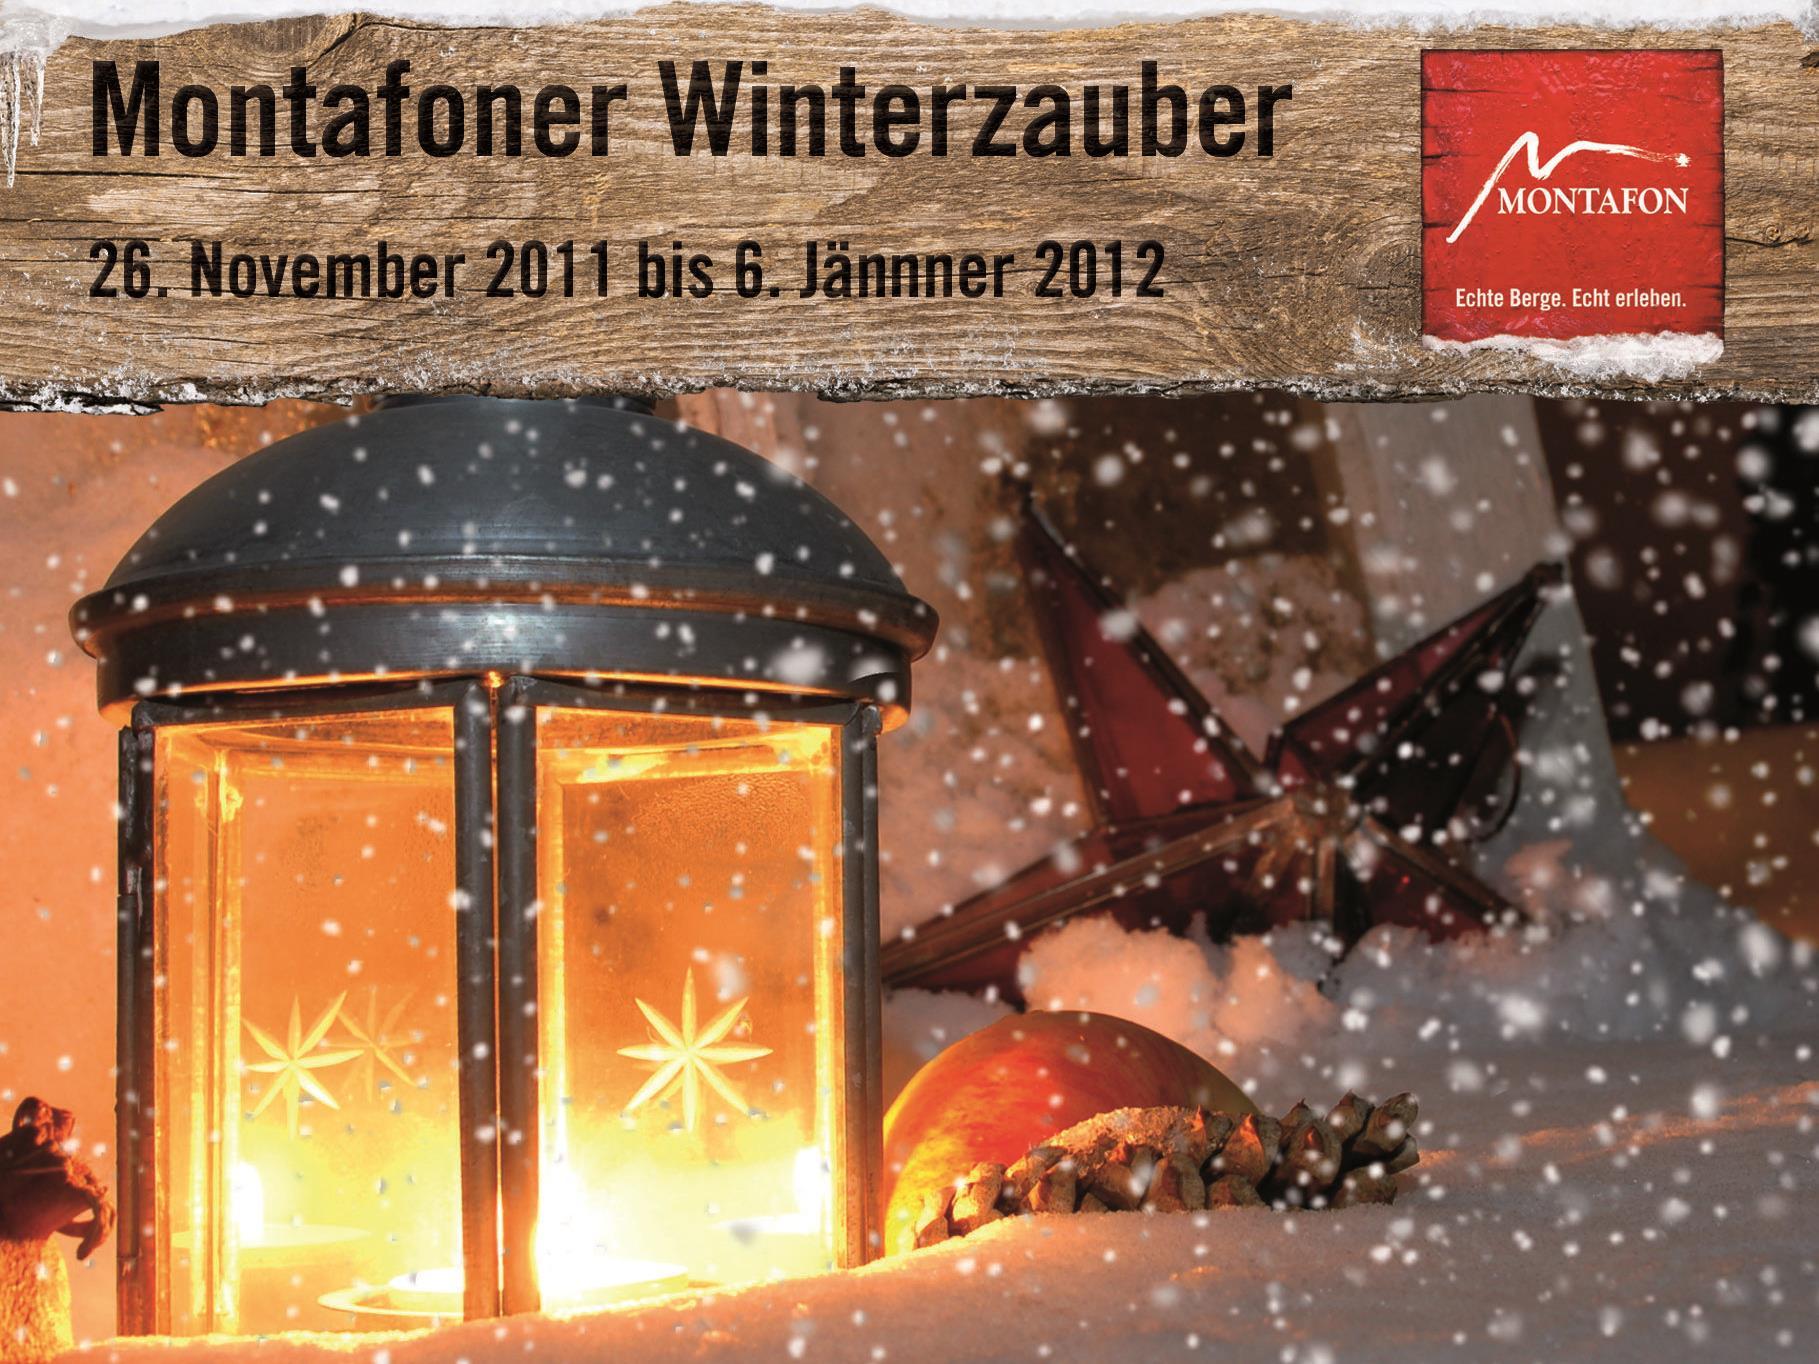 Abwechslungsreiches Winterprogramm wird im Montafon geboten.